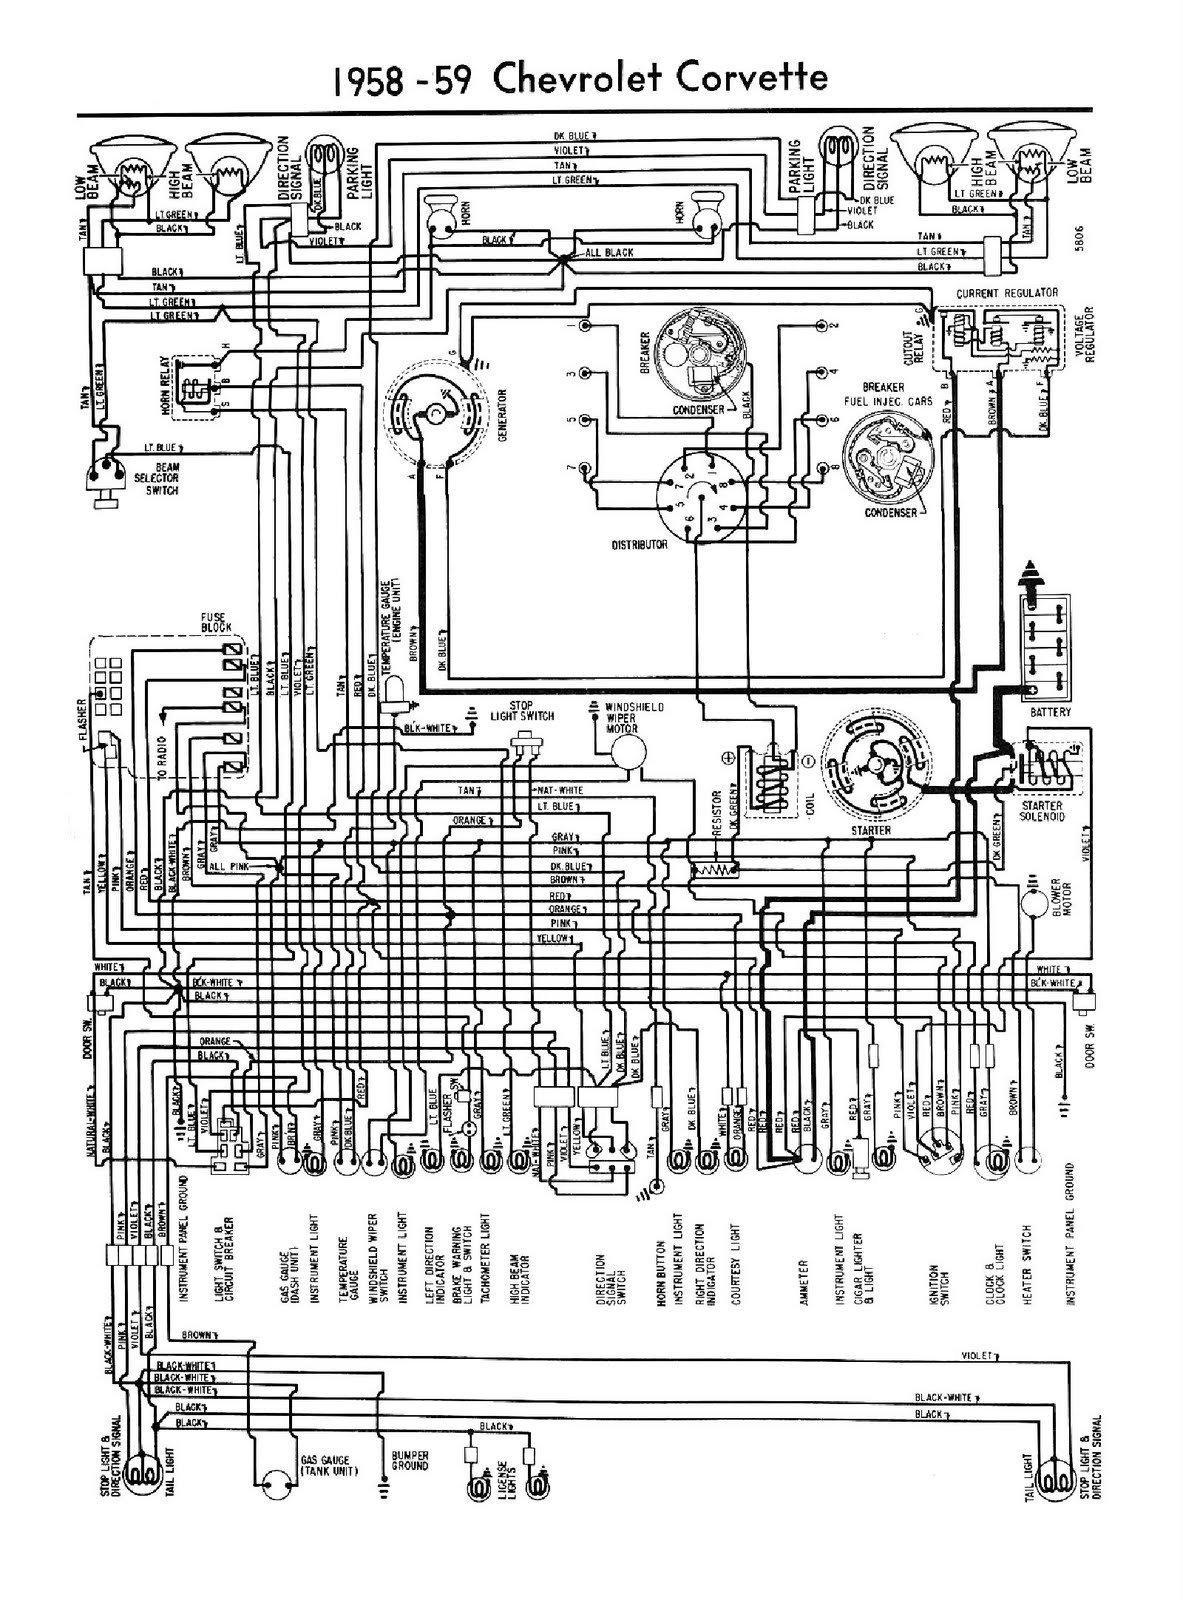 Free Auto Wiring Diagram: April 2011